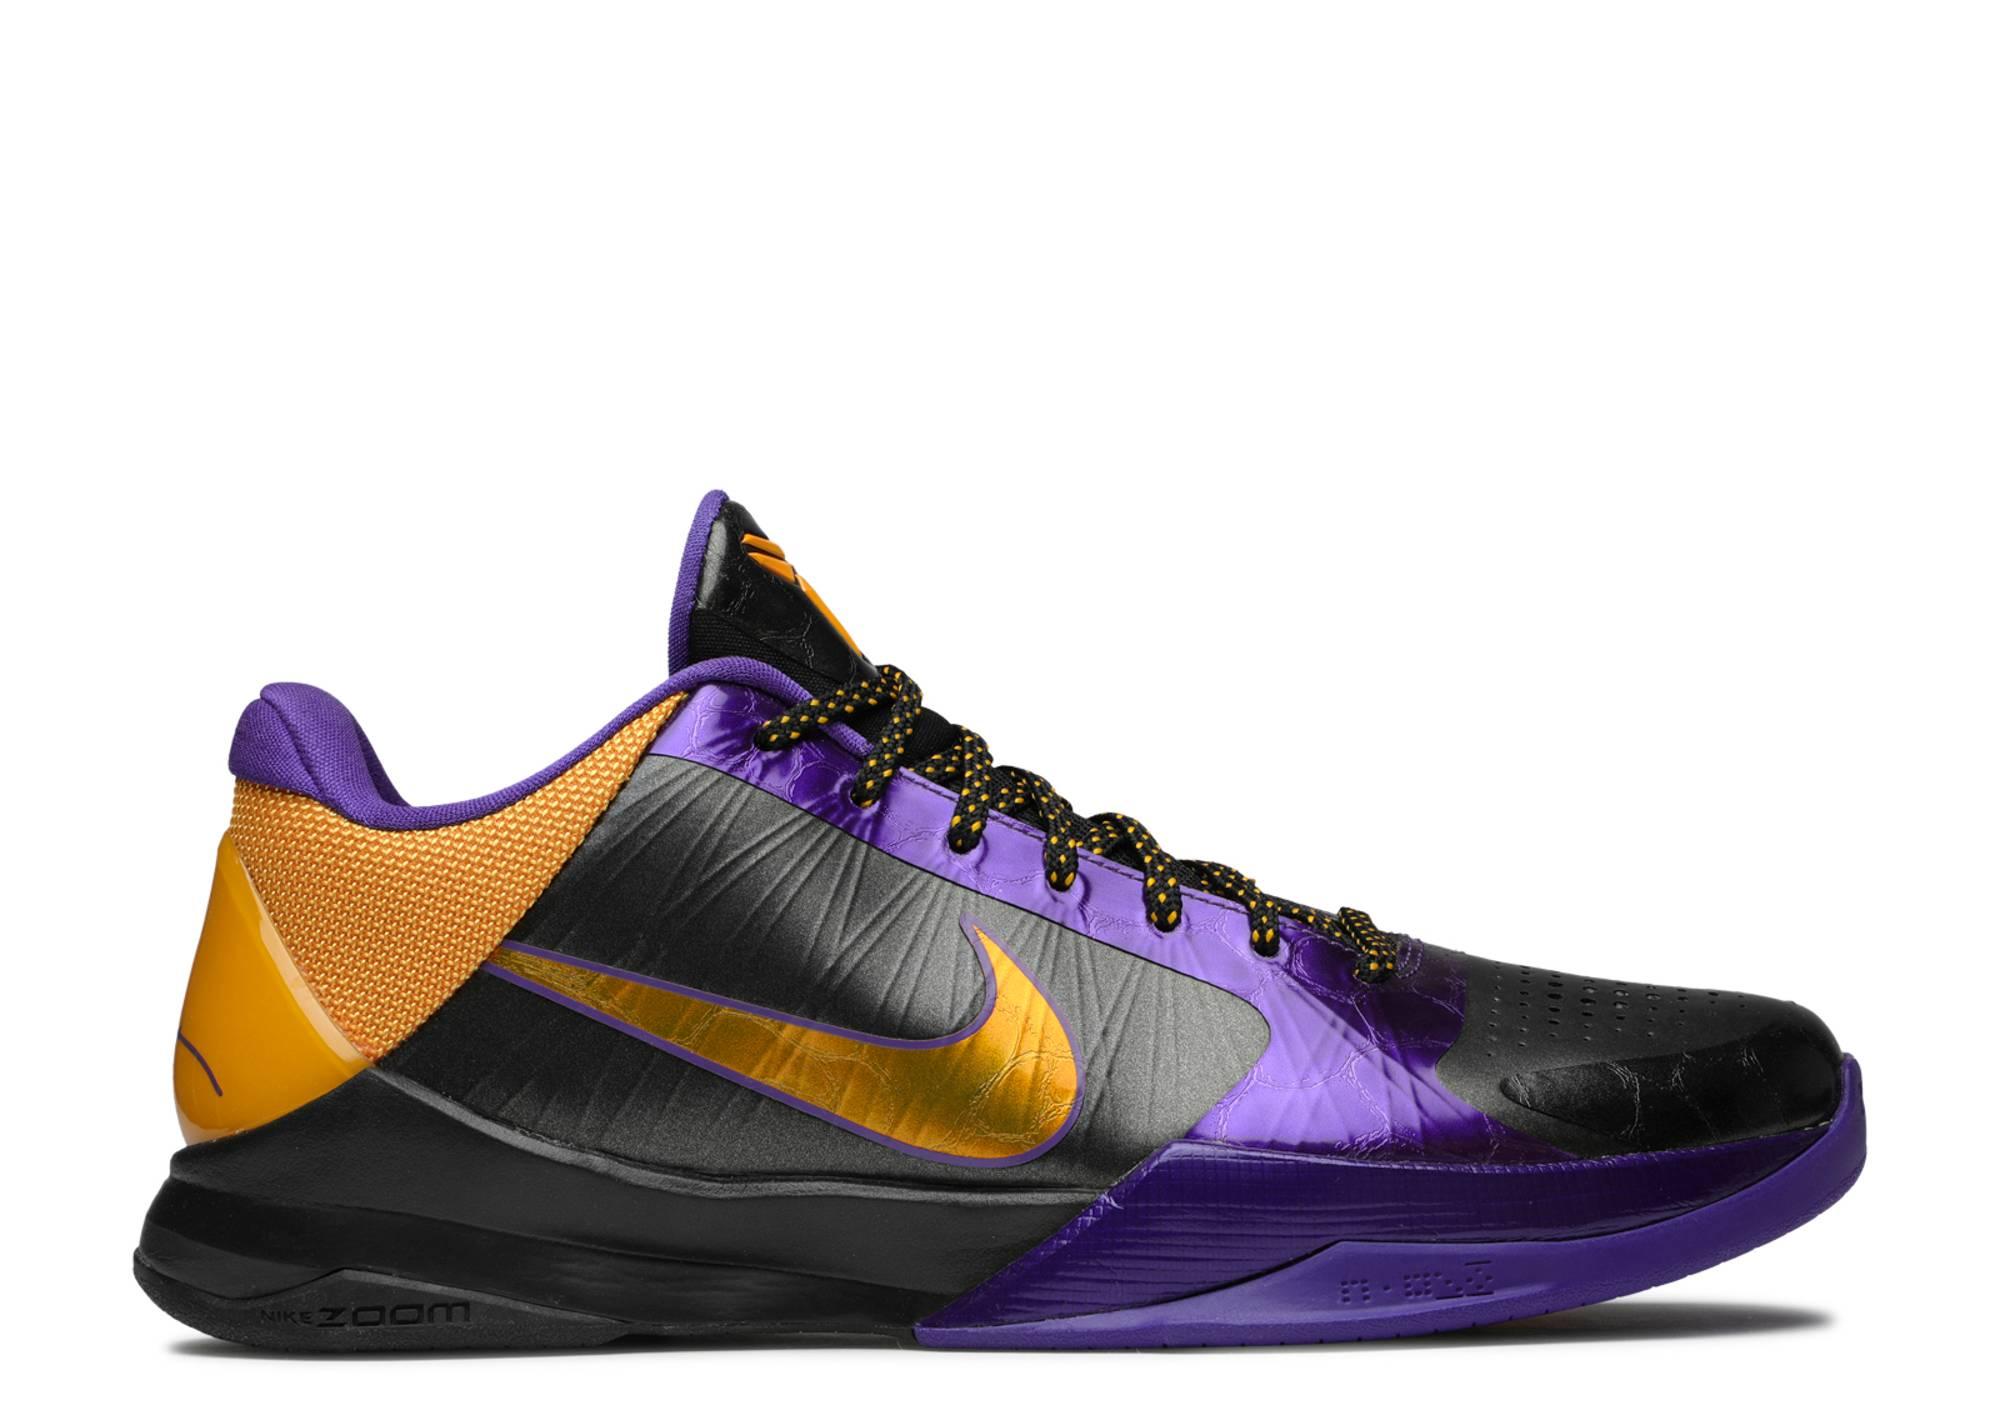 3625907e260 Zoom Kobe 5 - Nike - 386429 071 - black del sol-varsity purple ...